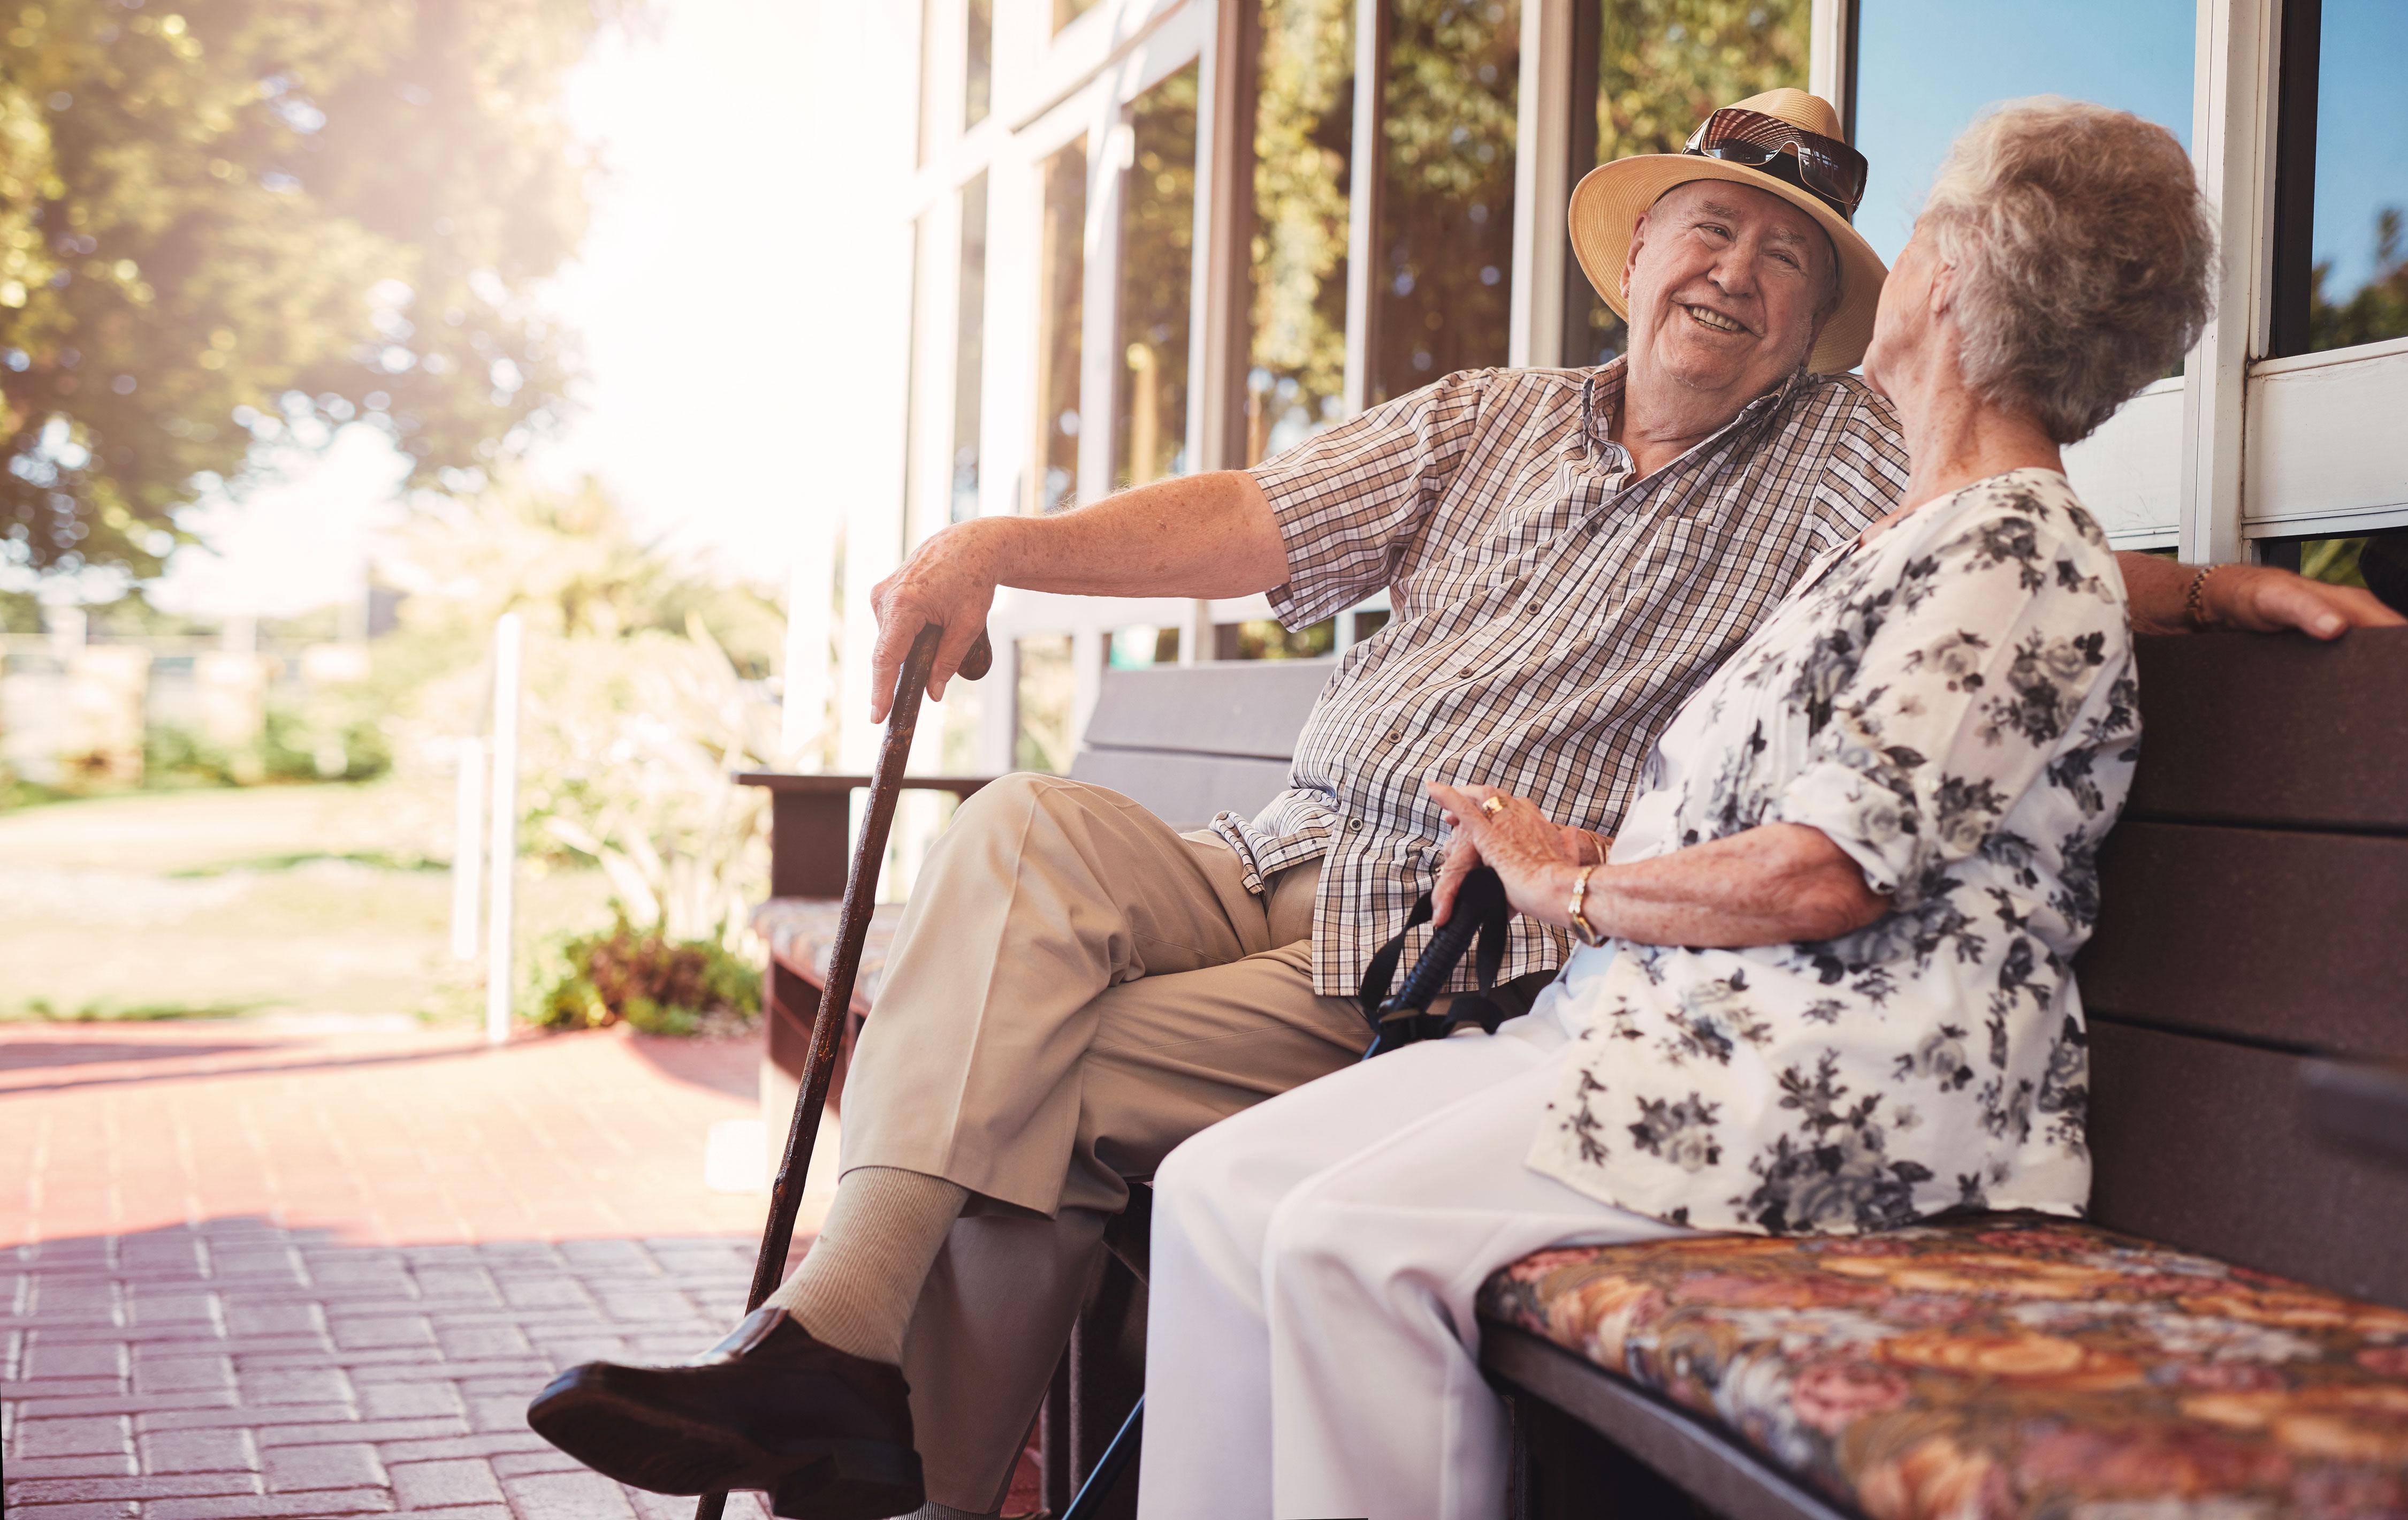 Glückliches älteres Paar sitzt entspannt auf einer Bank vor dem Haus